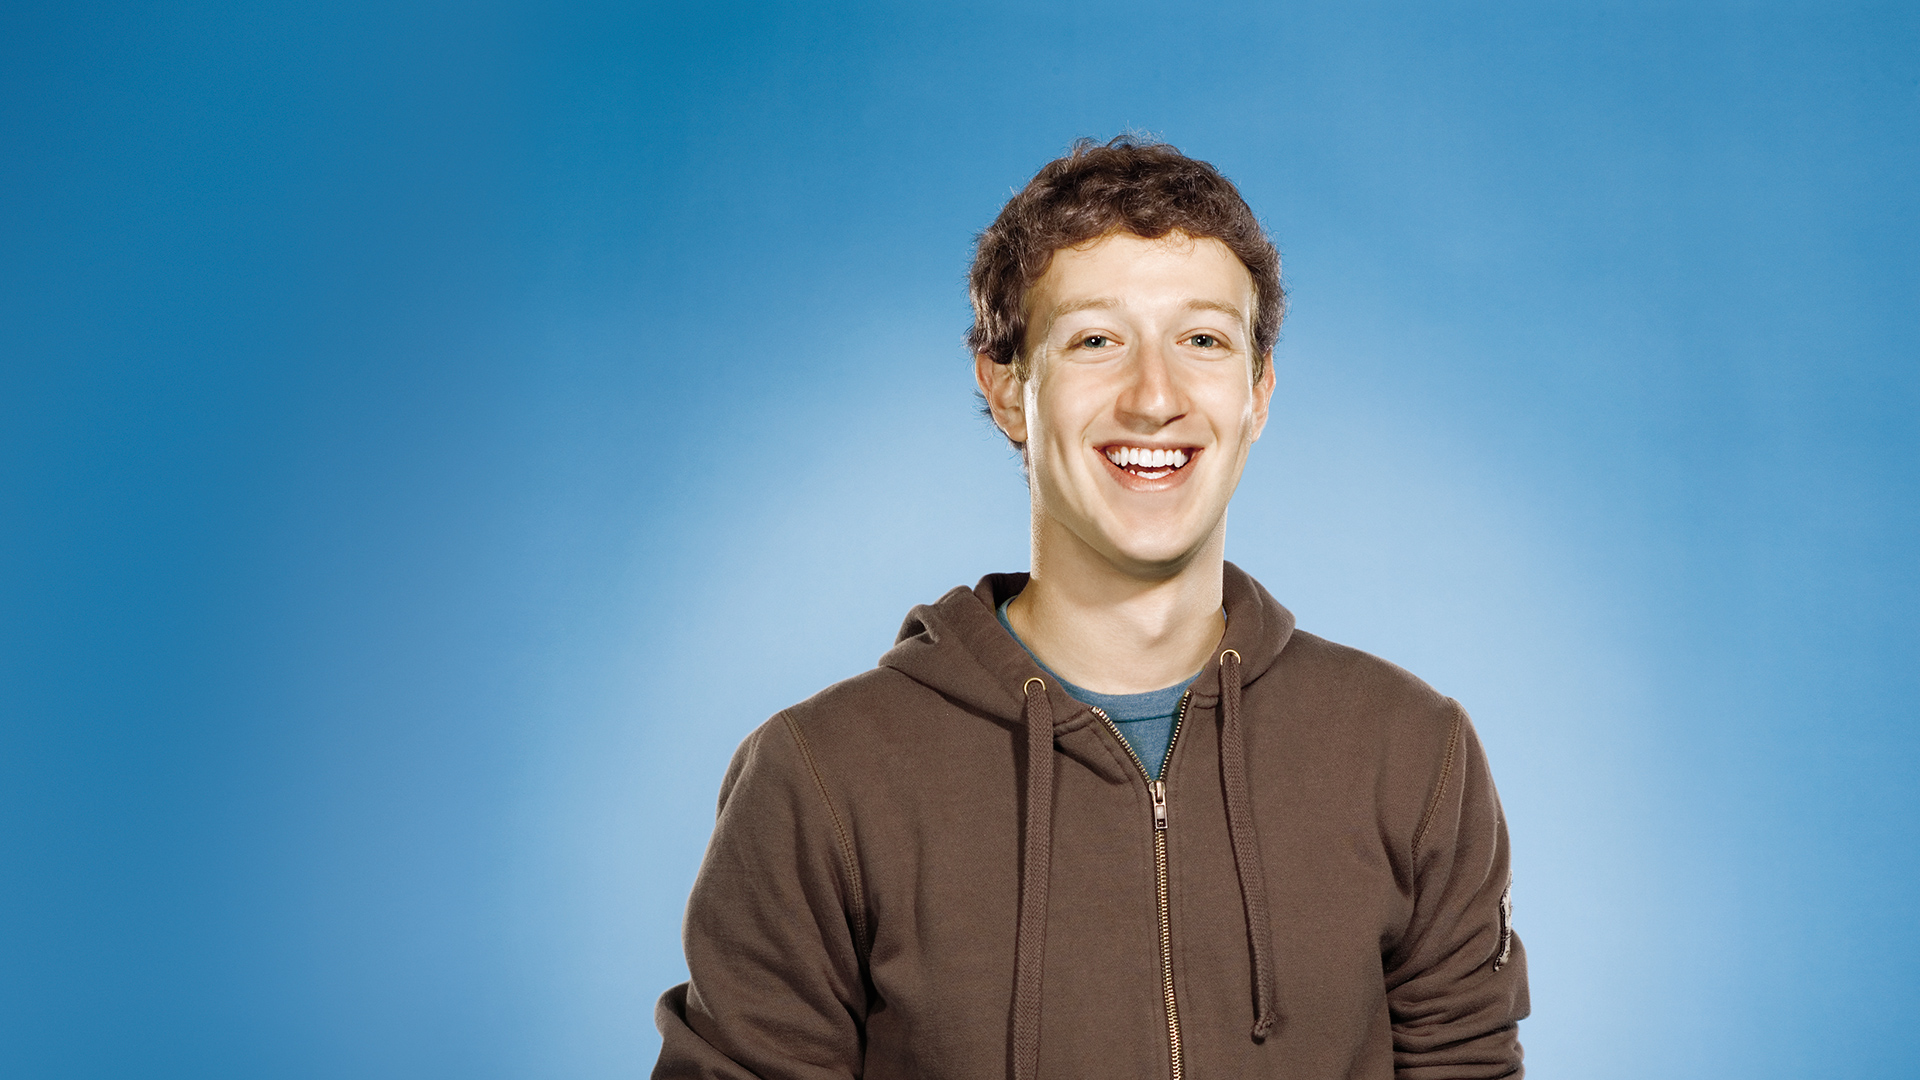 Afbeeldingsresultaat voor mark zuckerberg